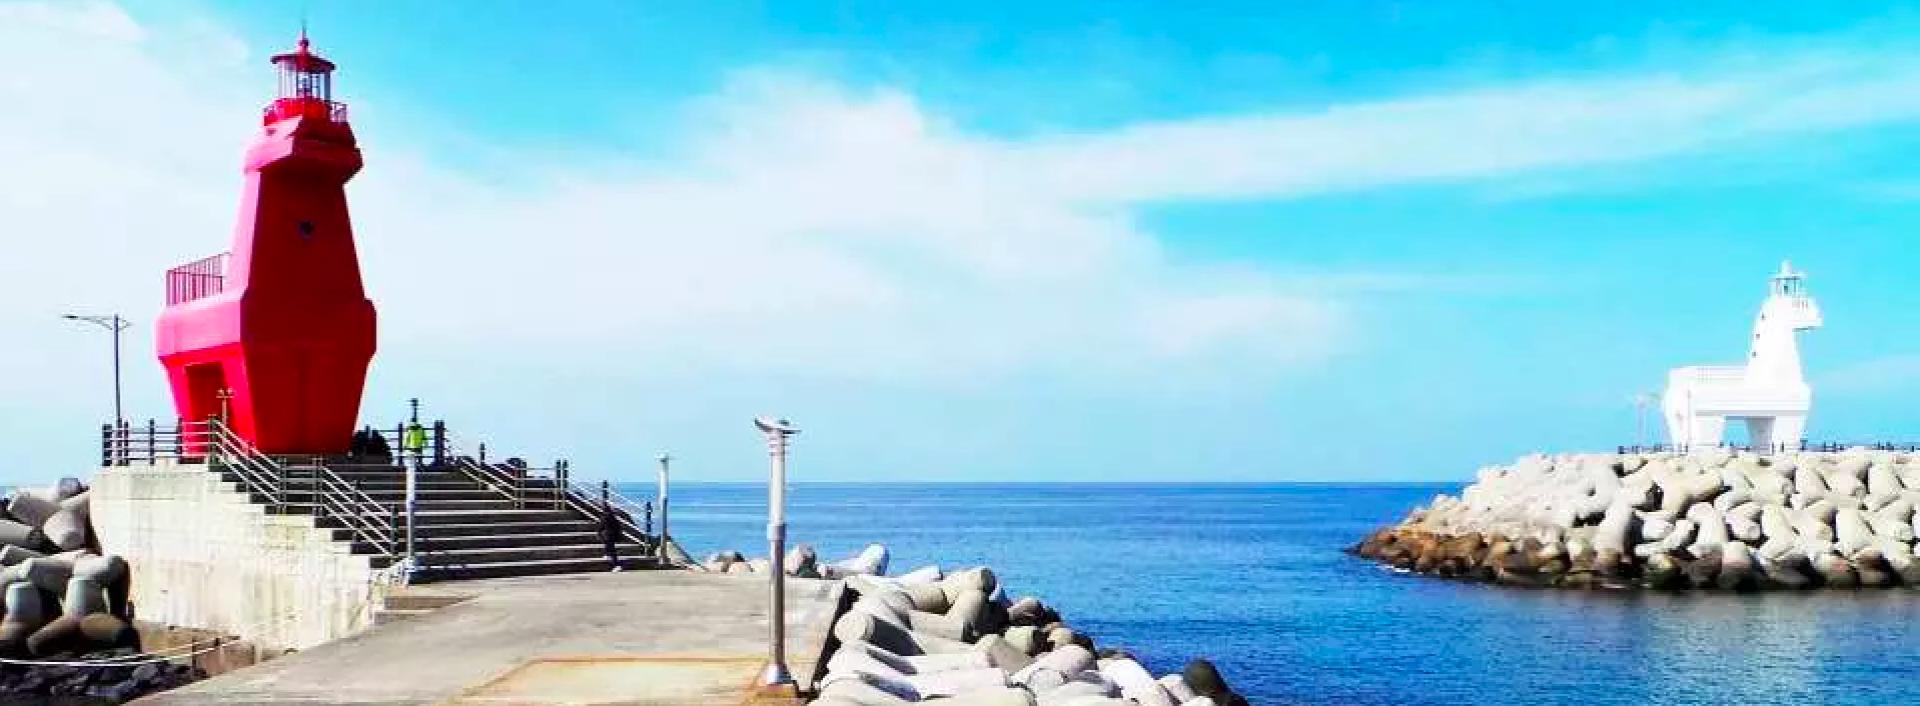 【夏日私藏景點】O'sulloc 綠茶博物館、山茶花之丘、龍頭海岸、Monsant Cafe